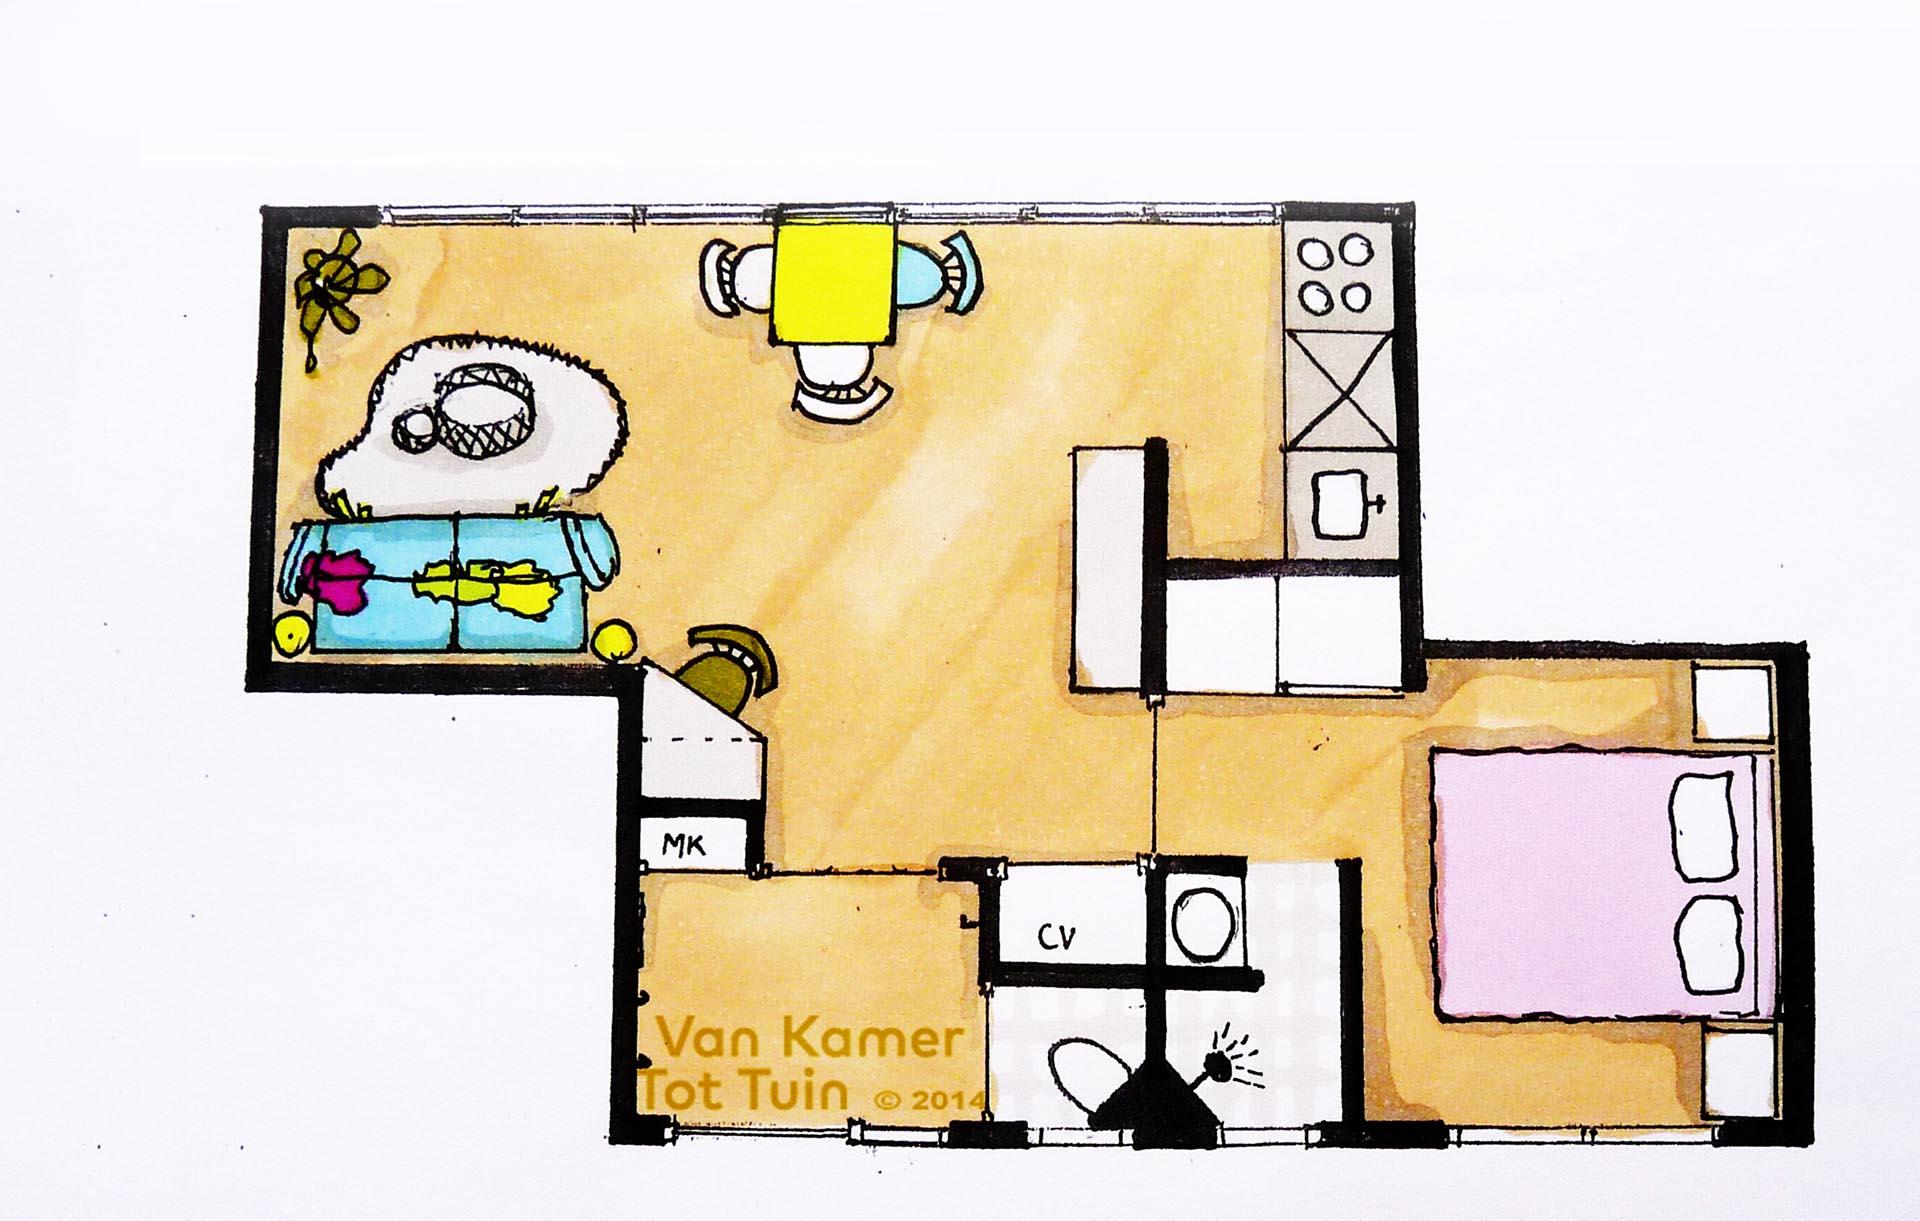 Wonen in een container van kamer tot tuinvan kamer tot tuin for Interieur tekenen